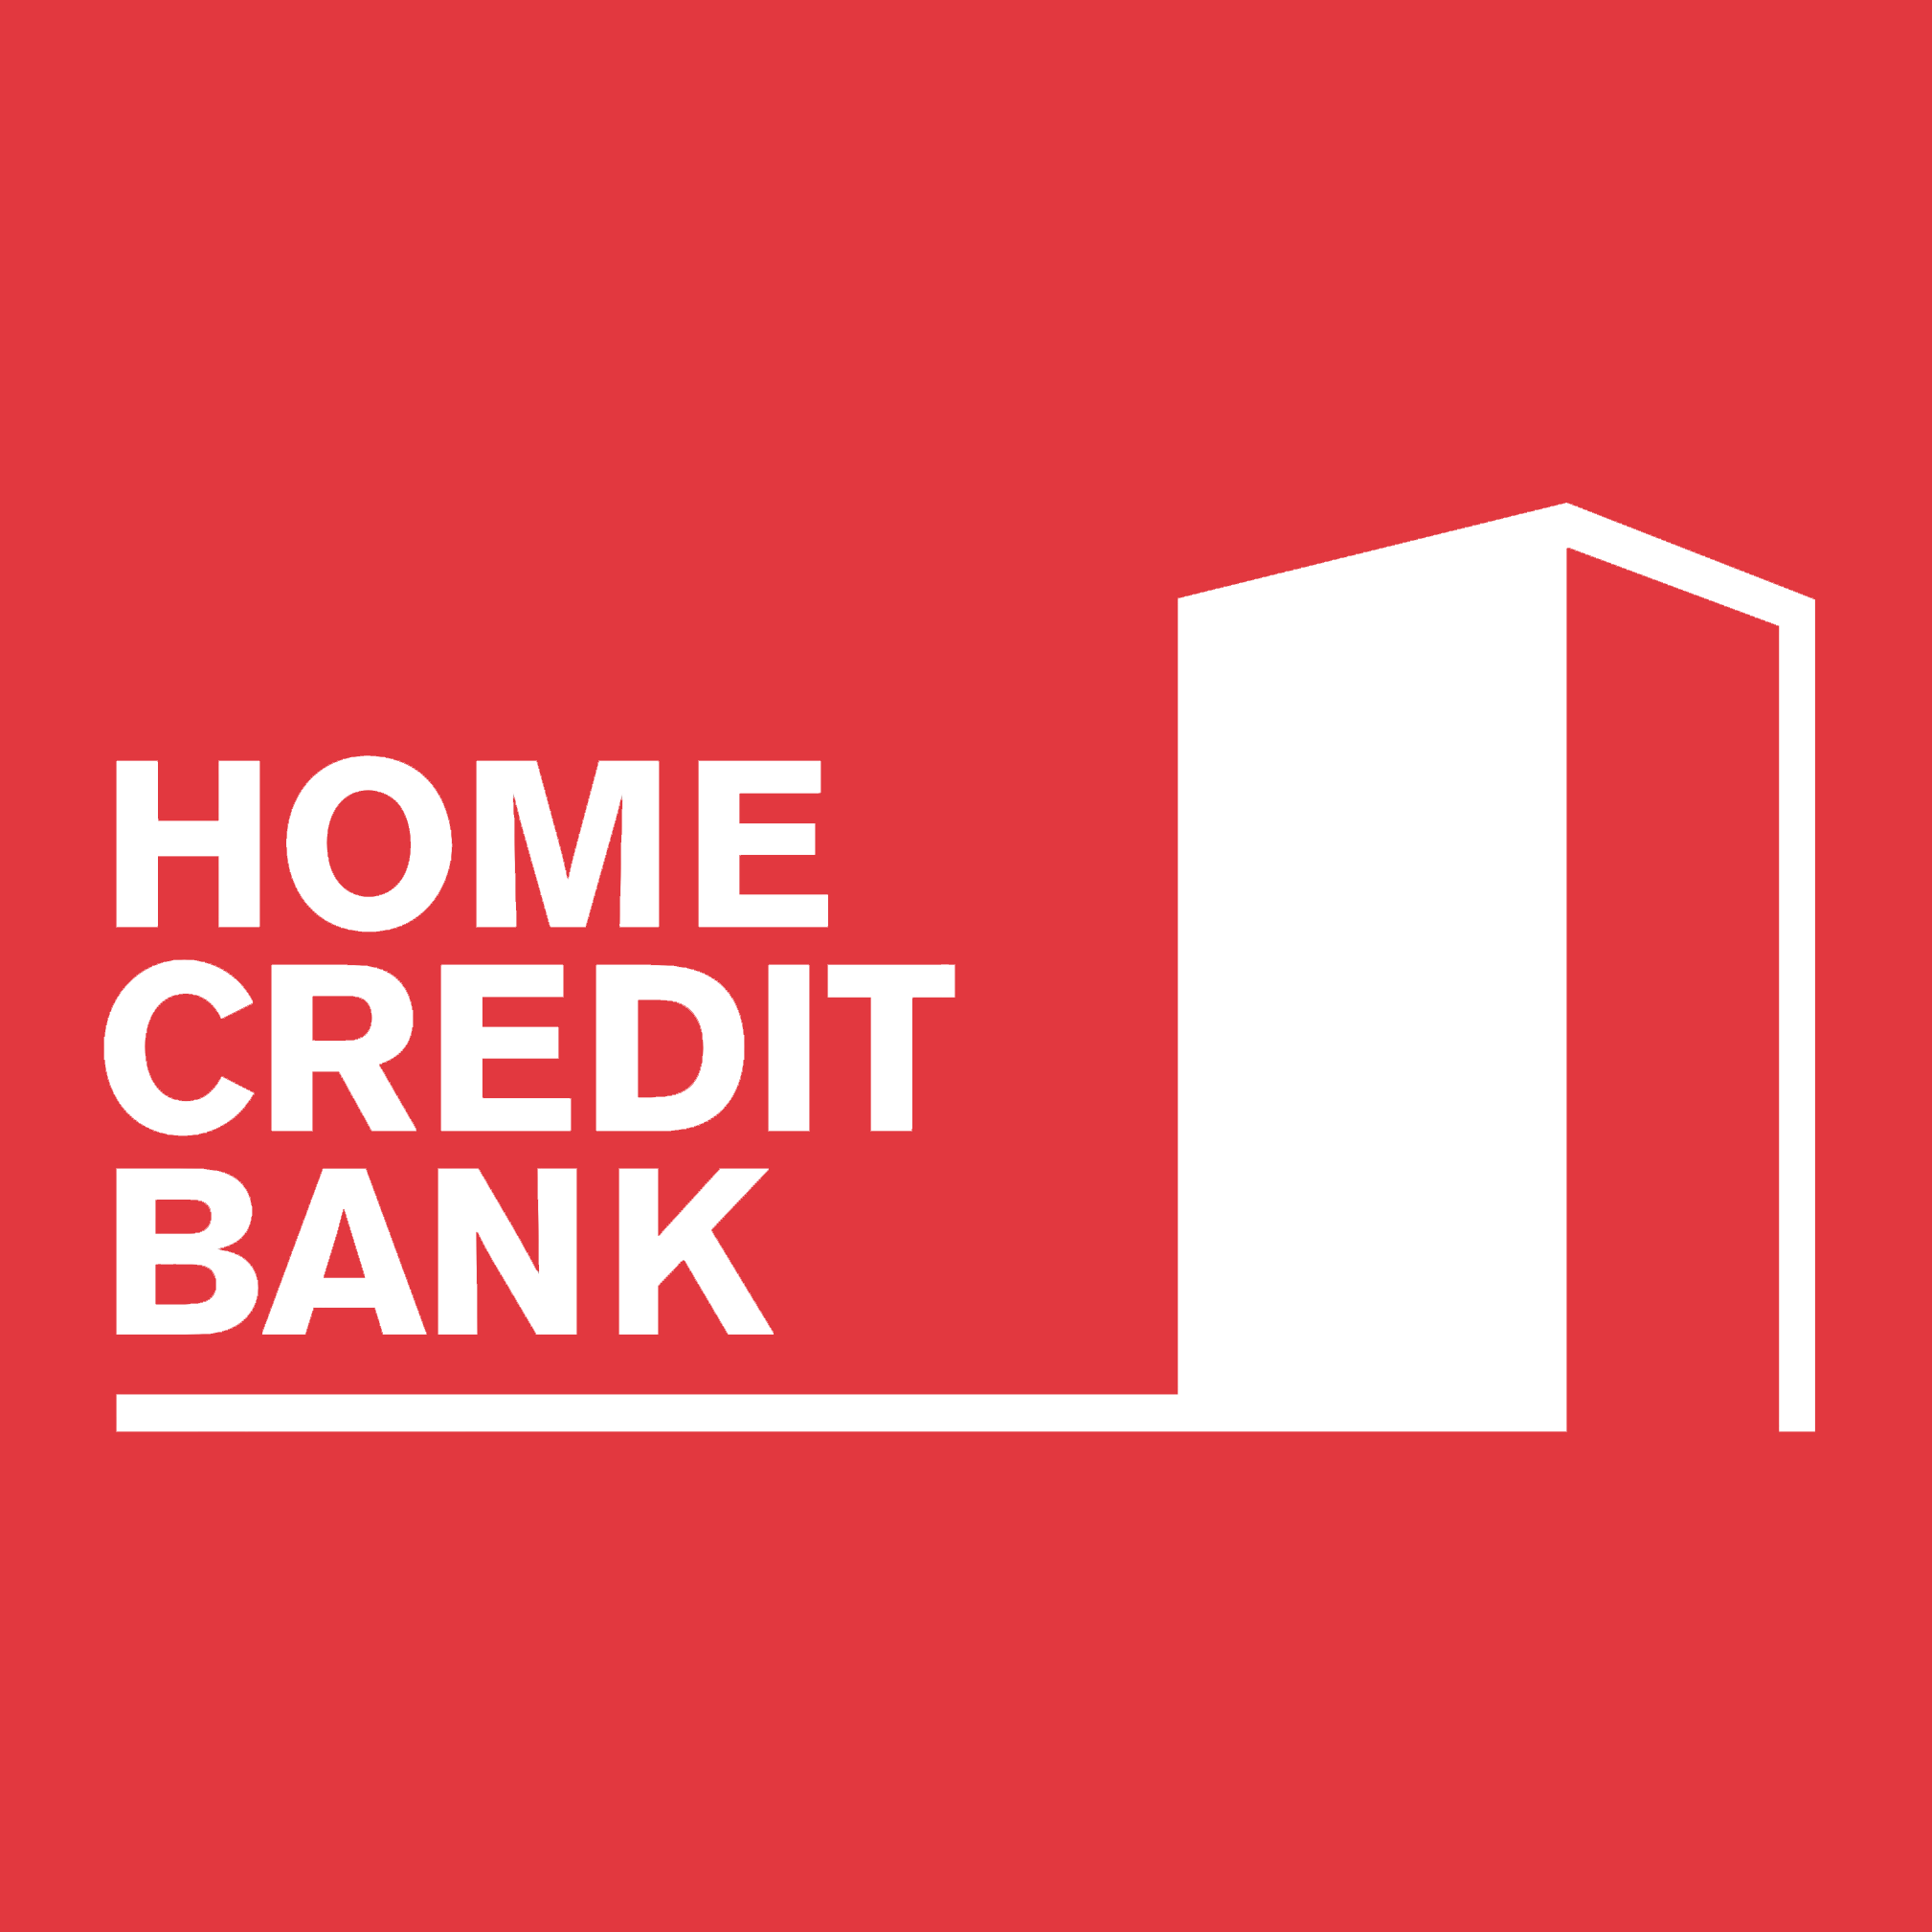 Как удобней платить в хоме кредит